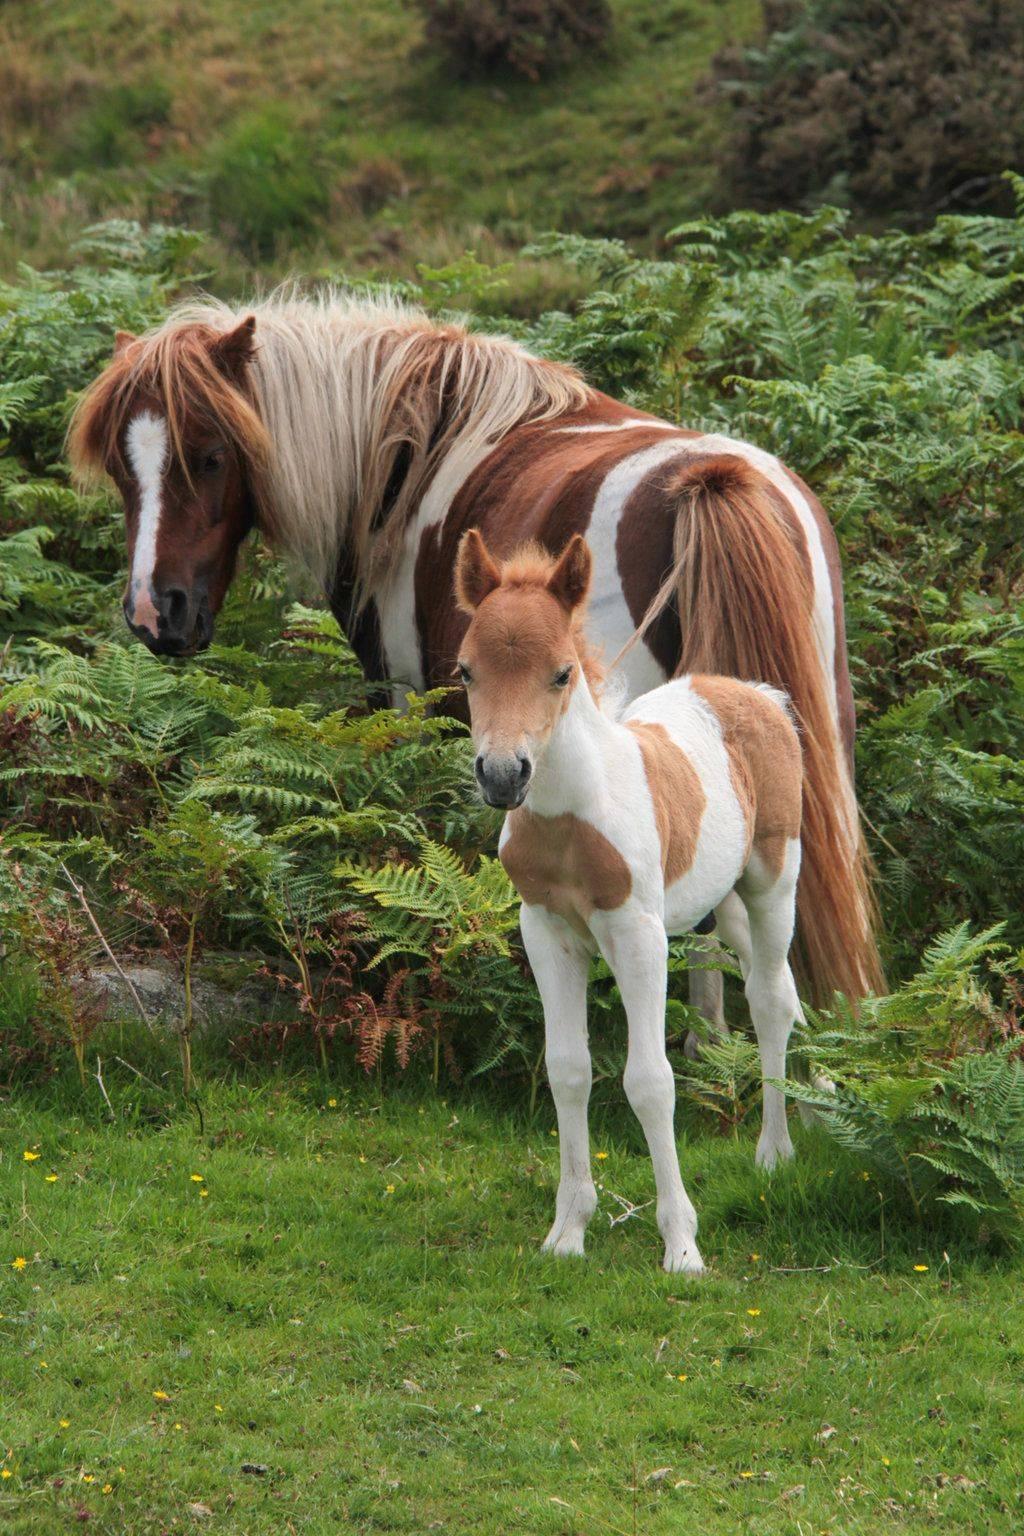 Пегая лошадь: какой это цвет, история и уход